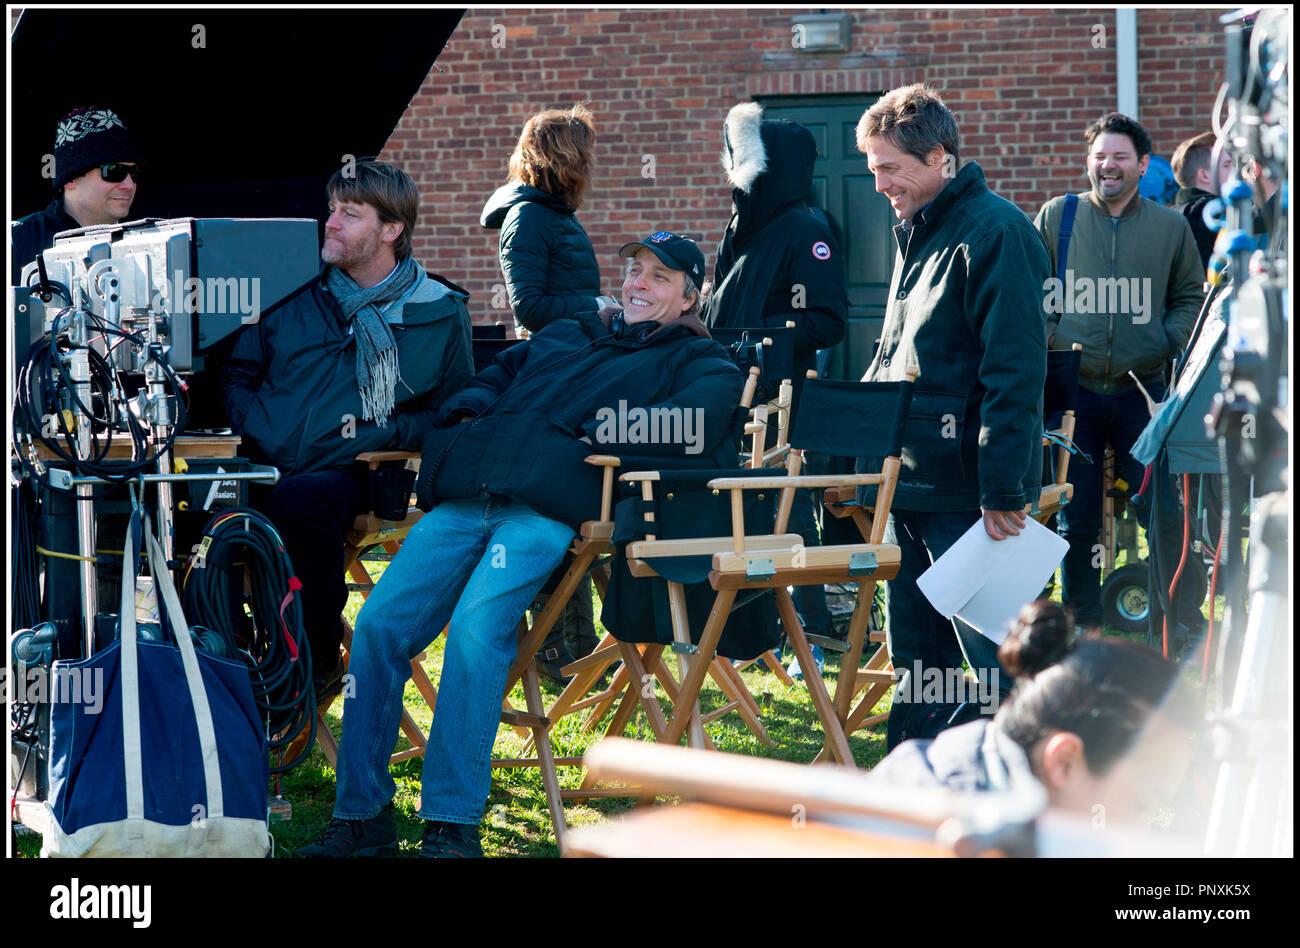 Prod DB © Castle Rock Entertainment / DR THE REWRITE de Marc Lawrence 2014 USA avec Marc Lawrence et Hugh Grant sur le tournage - Stock Image